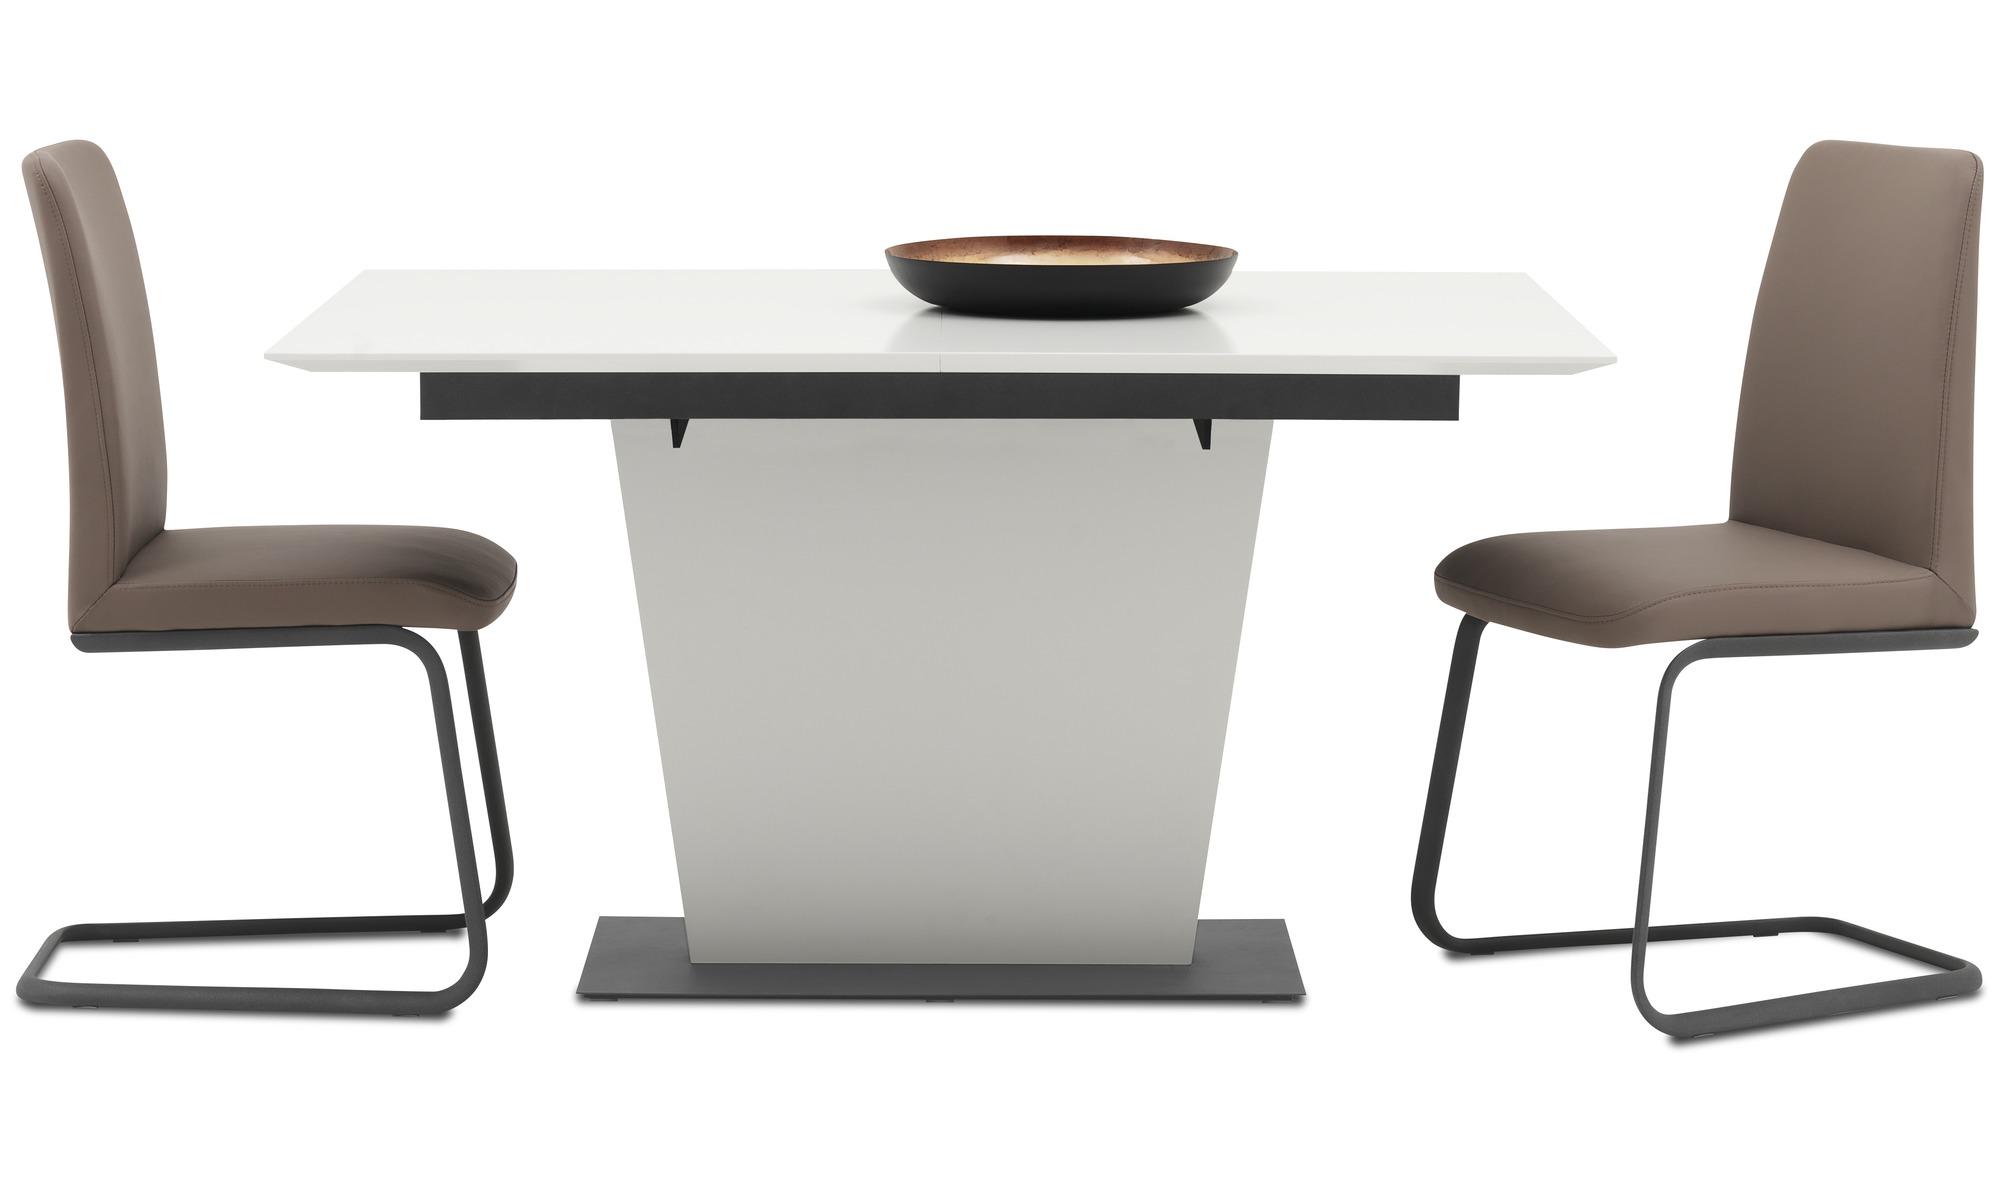 Eetkamertafel Vierkant Wit : Kleurrijke tafel wit vierkant inrichting en meubilair